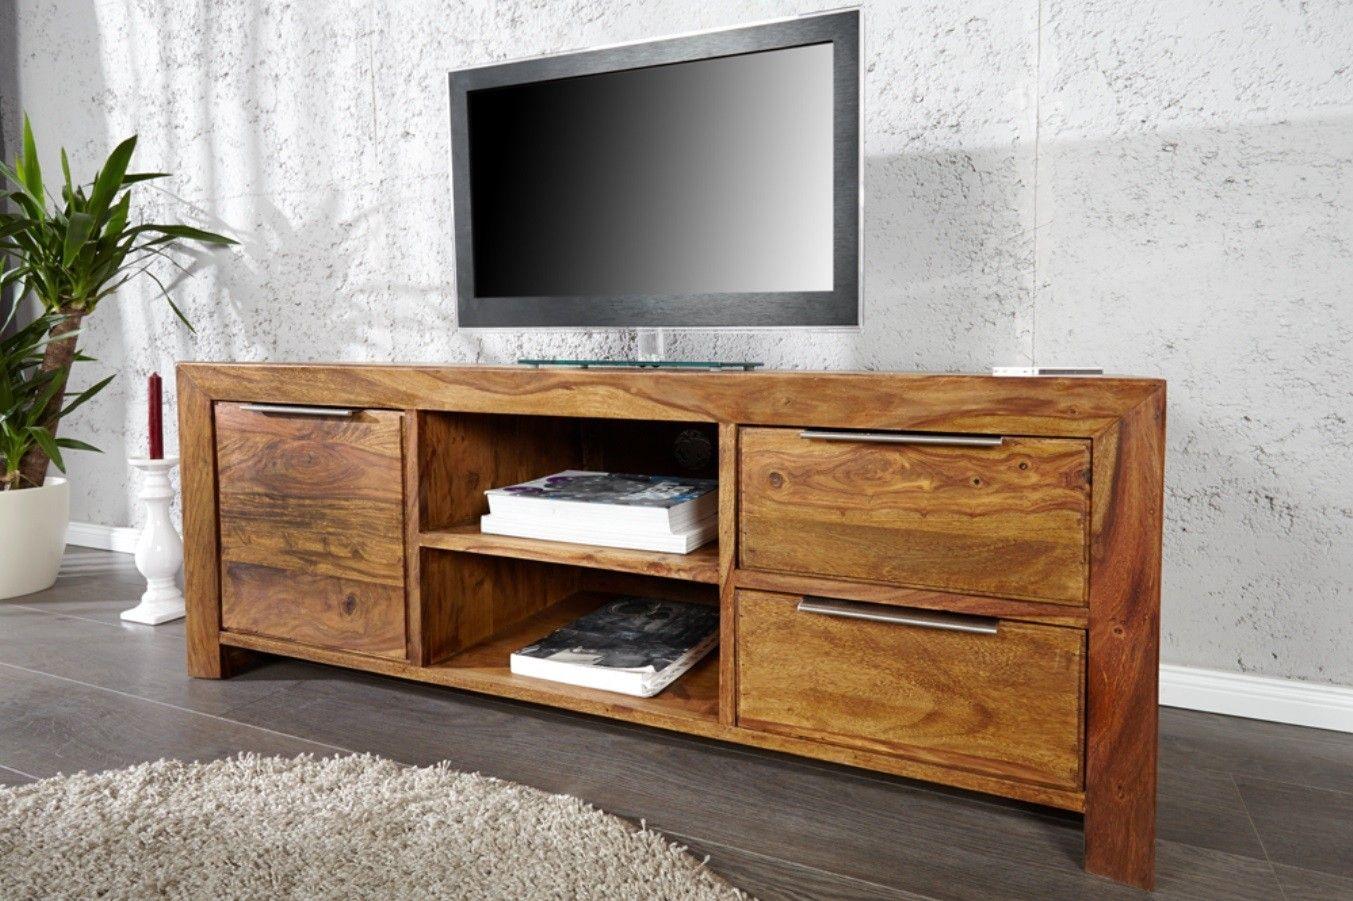 Nouveau Model De Table Televiseur En Bois - Beau Meuble Tv Bois Massif D Coration Fran Aise Pinterest [mjhdah]https://espace-bois.ca/wp-content/uploads/2015/07/meuble-tv-bois-de-grange-espace-bois.jpg